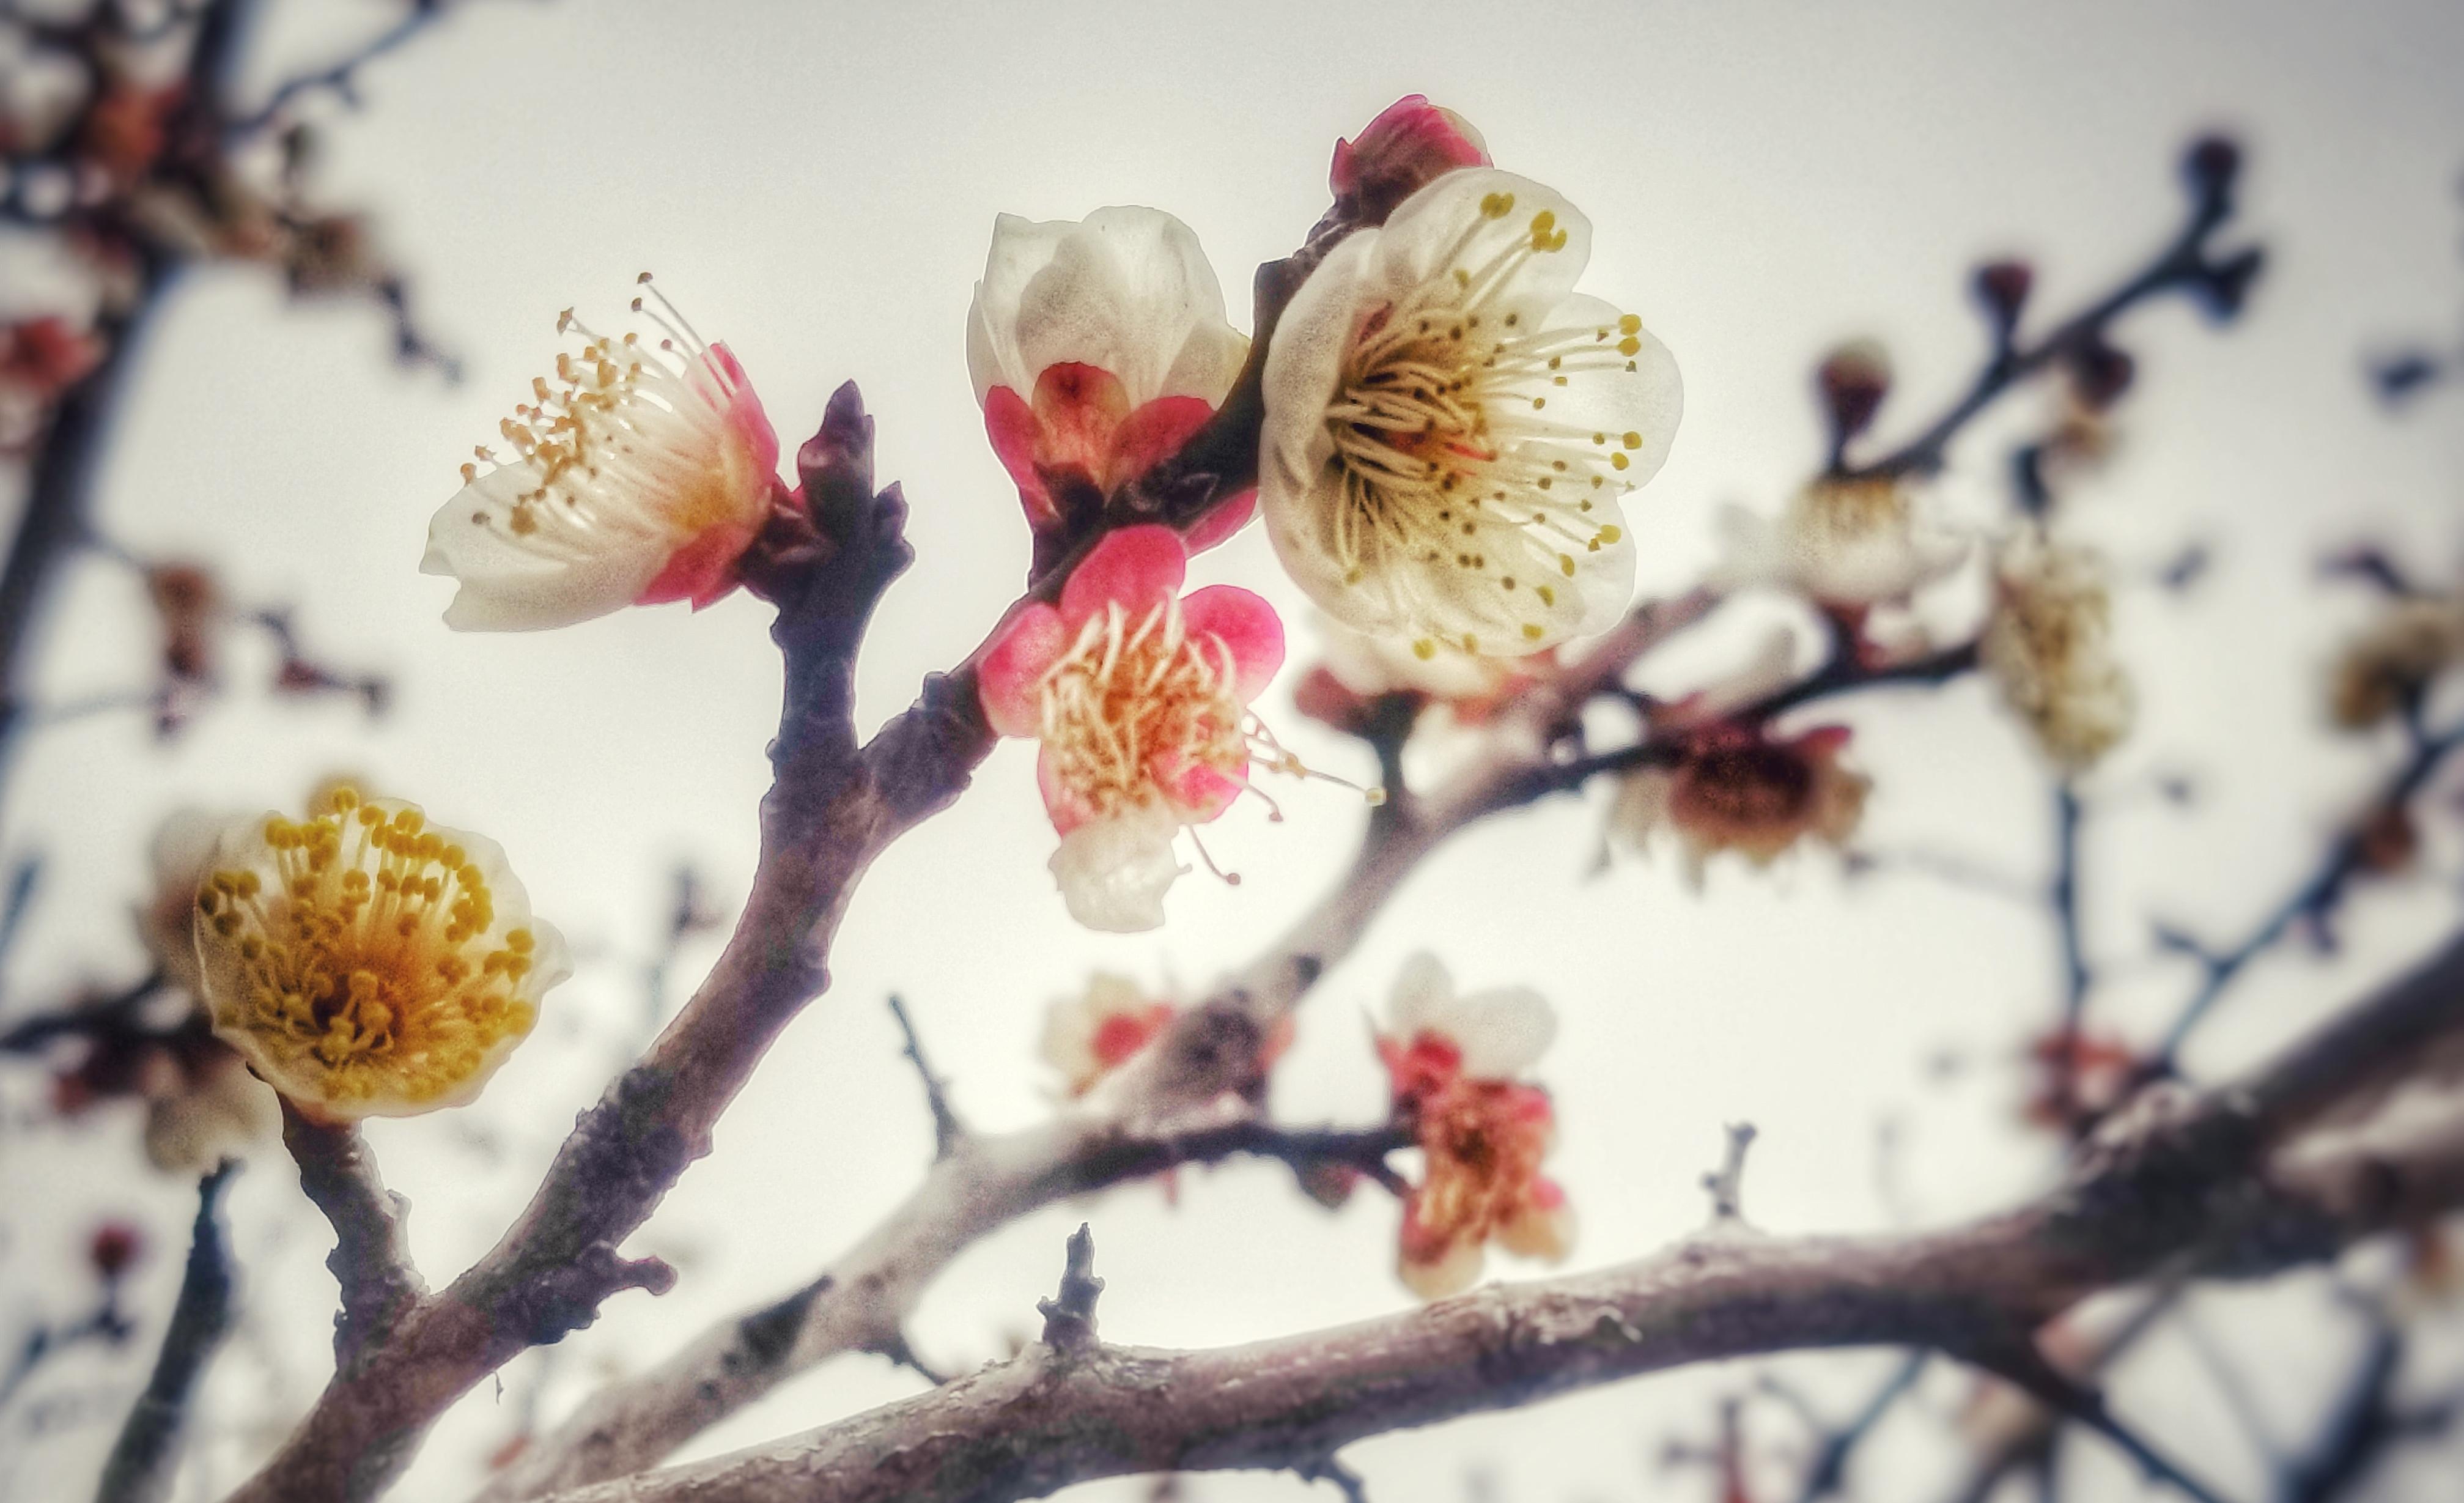 【给最想见的你】待到春暖花开时